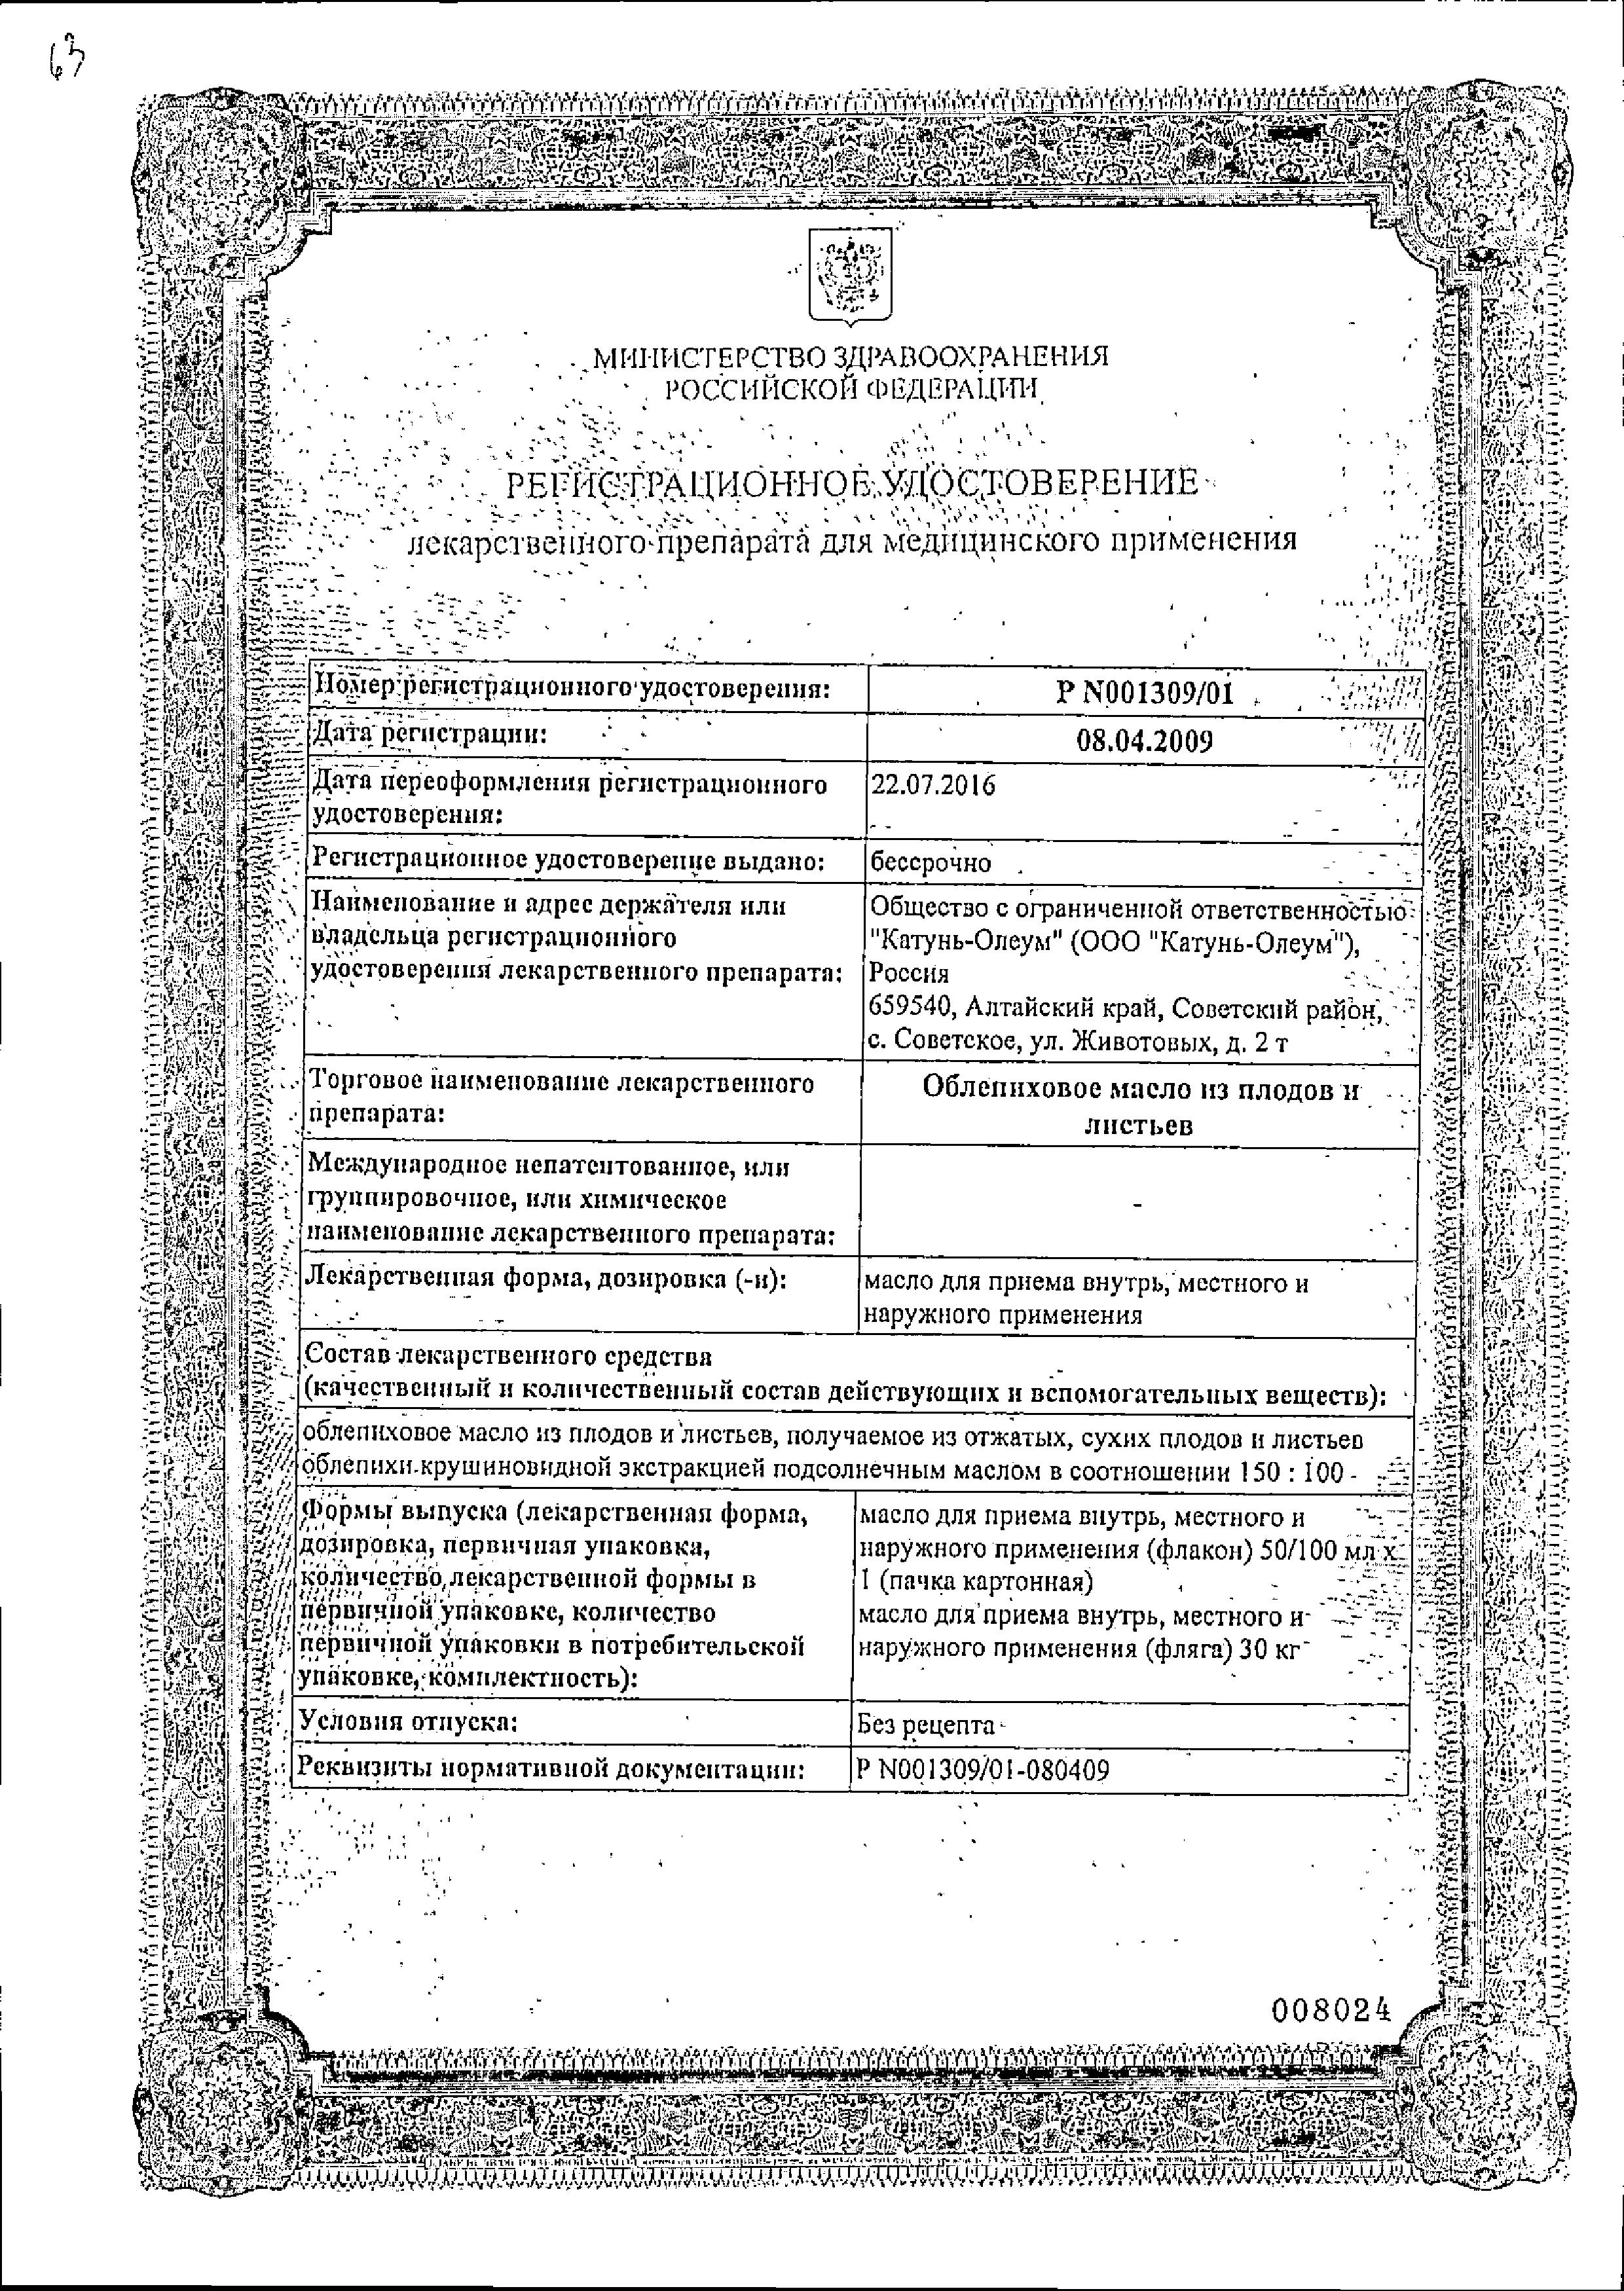 Облепиховое масло из плодов и листьев сертификат